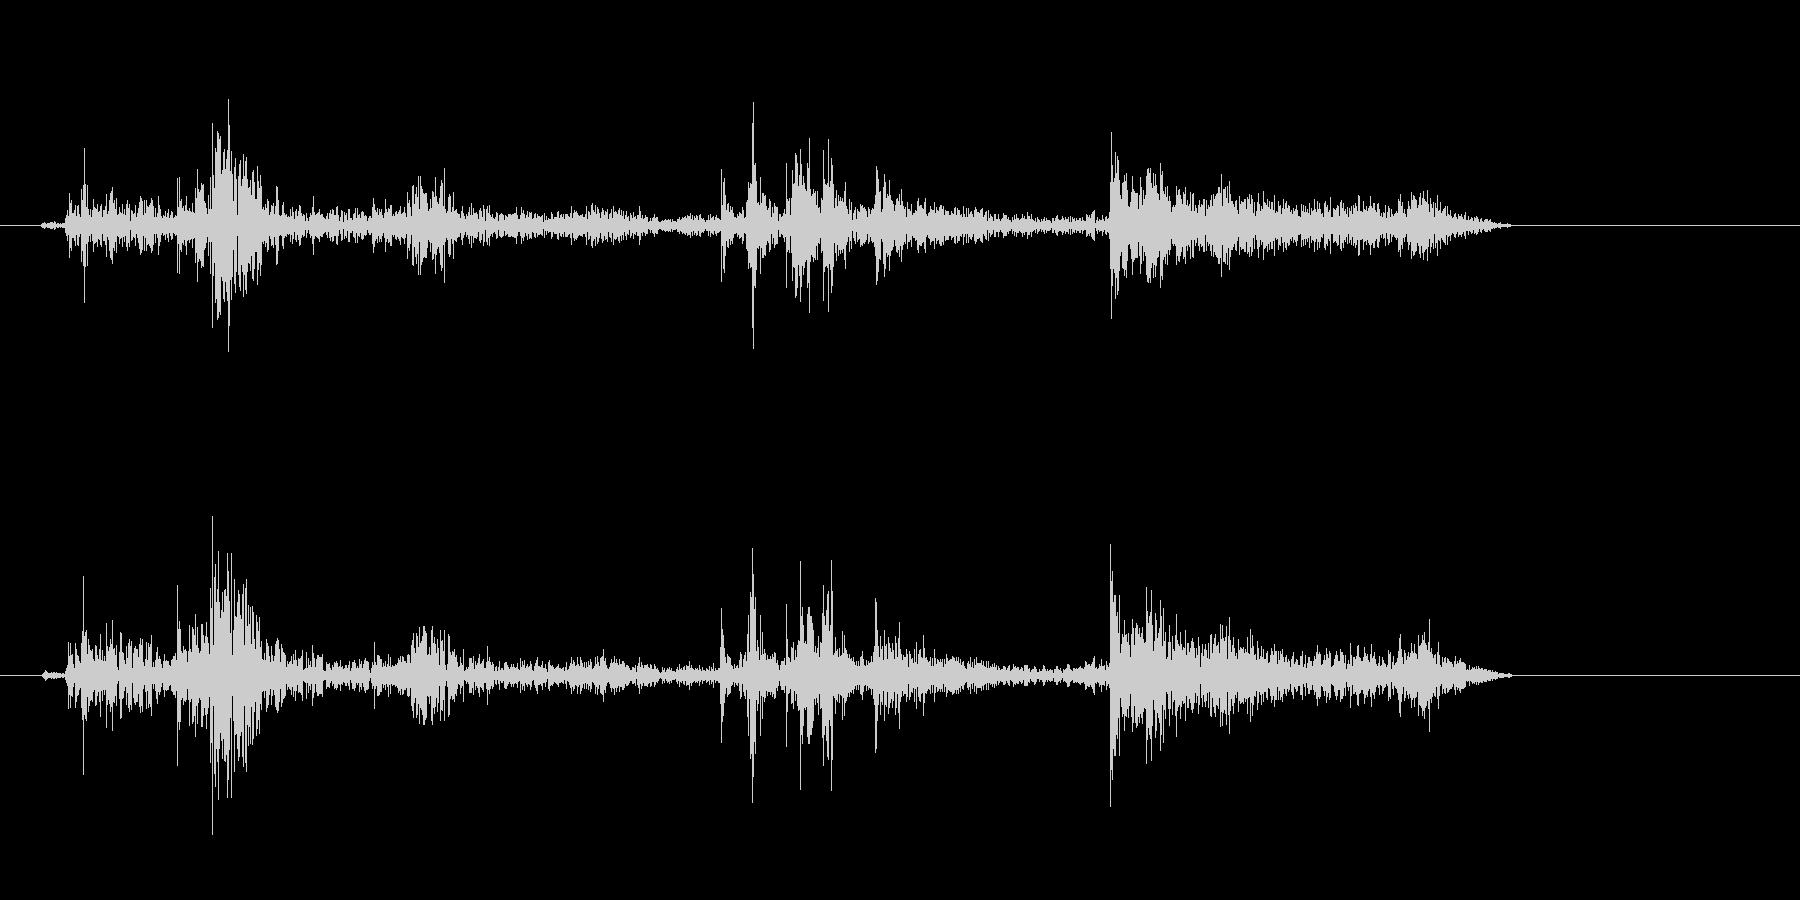 クシュル(紙が動く音)の未再生の波形